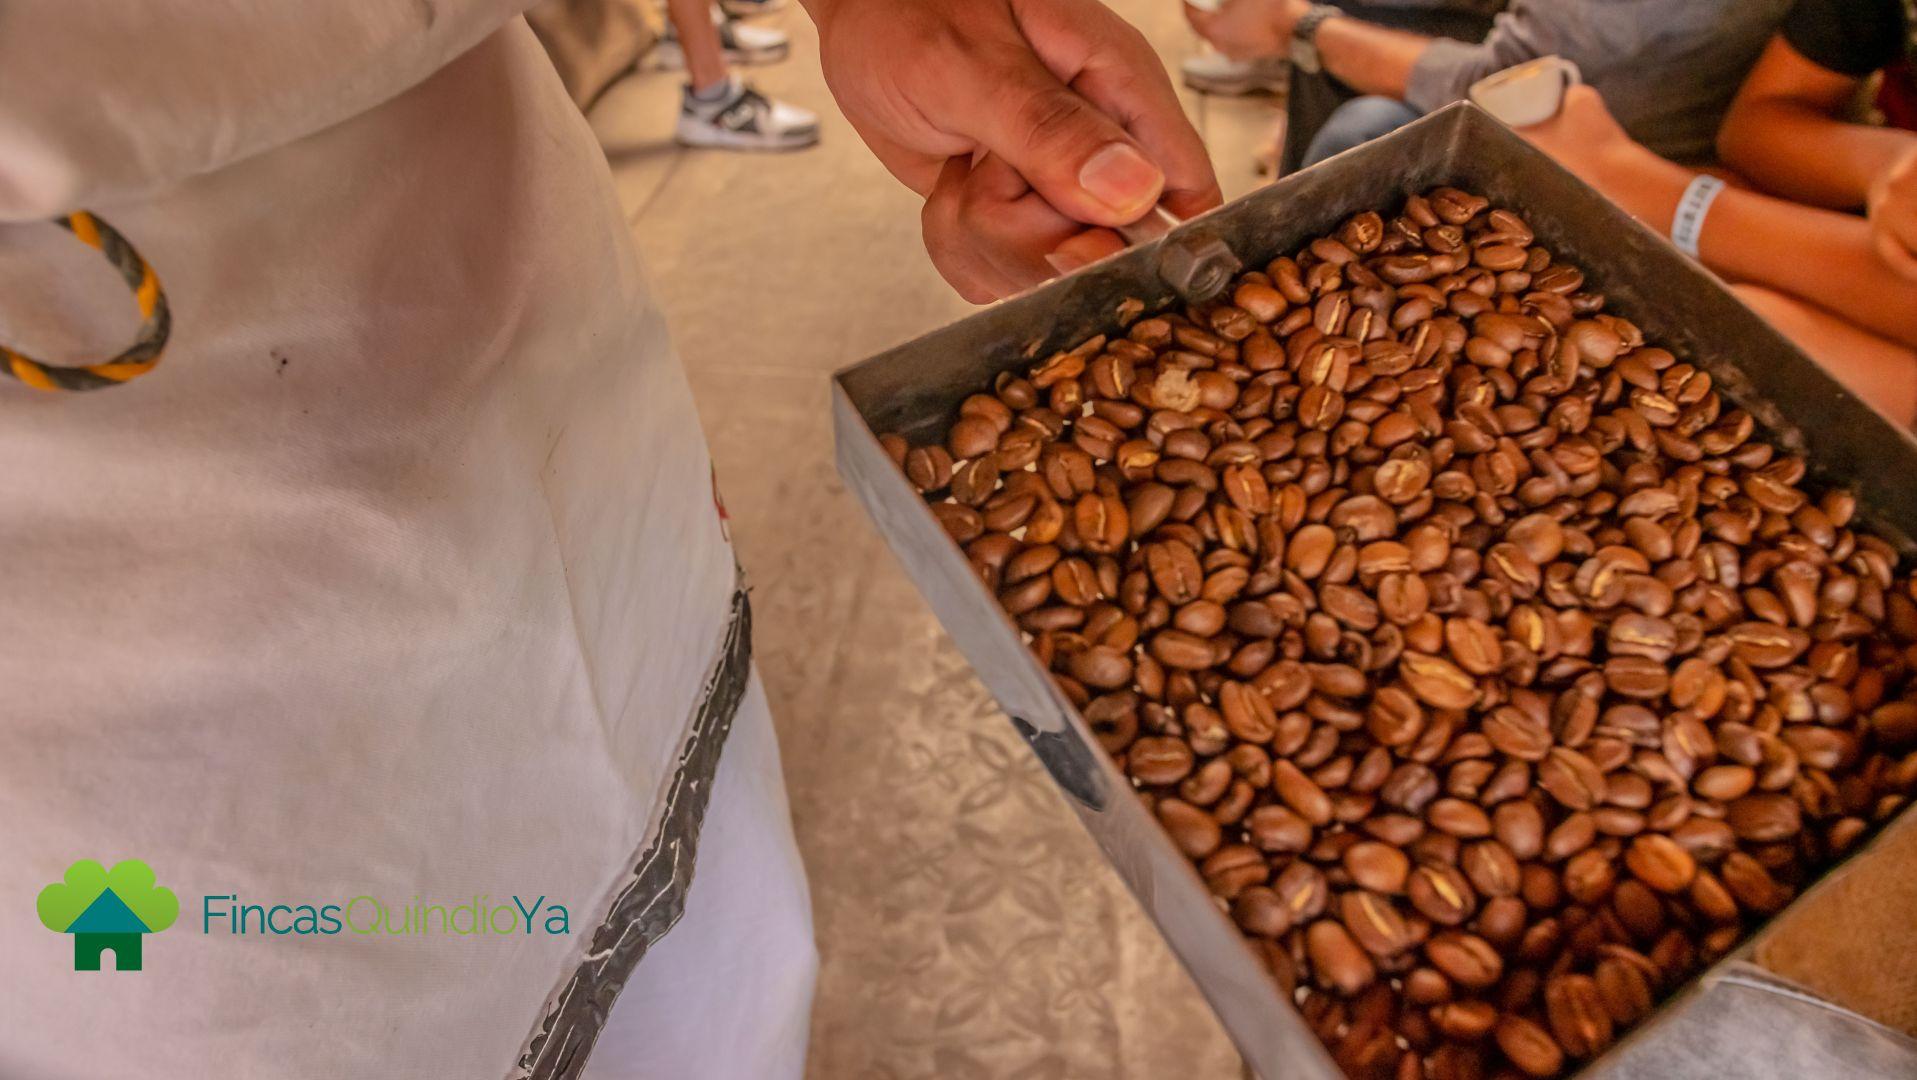 Hombre sosteniendo una contenedor de granos de café